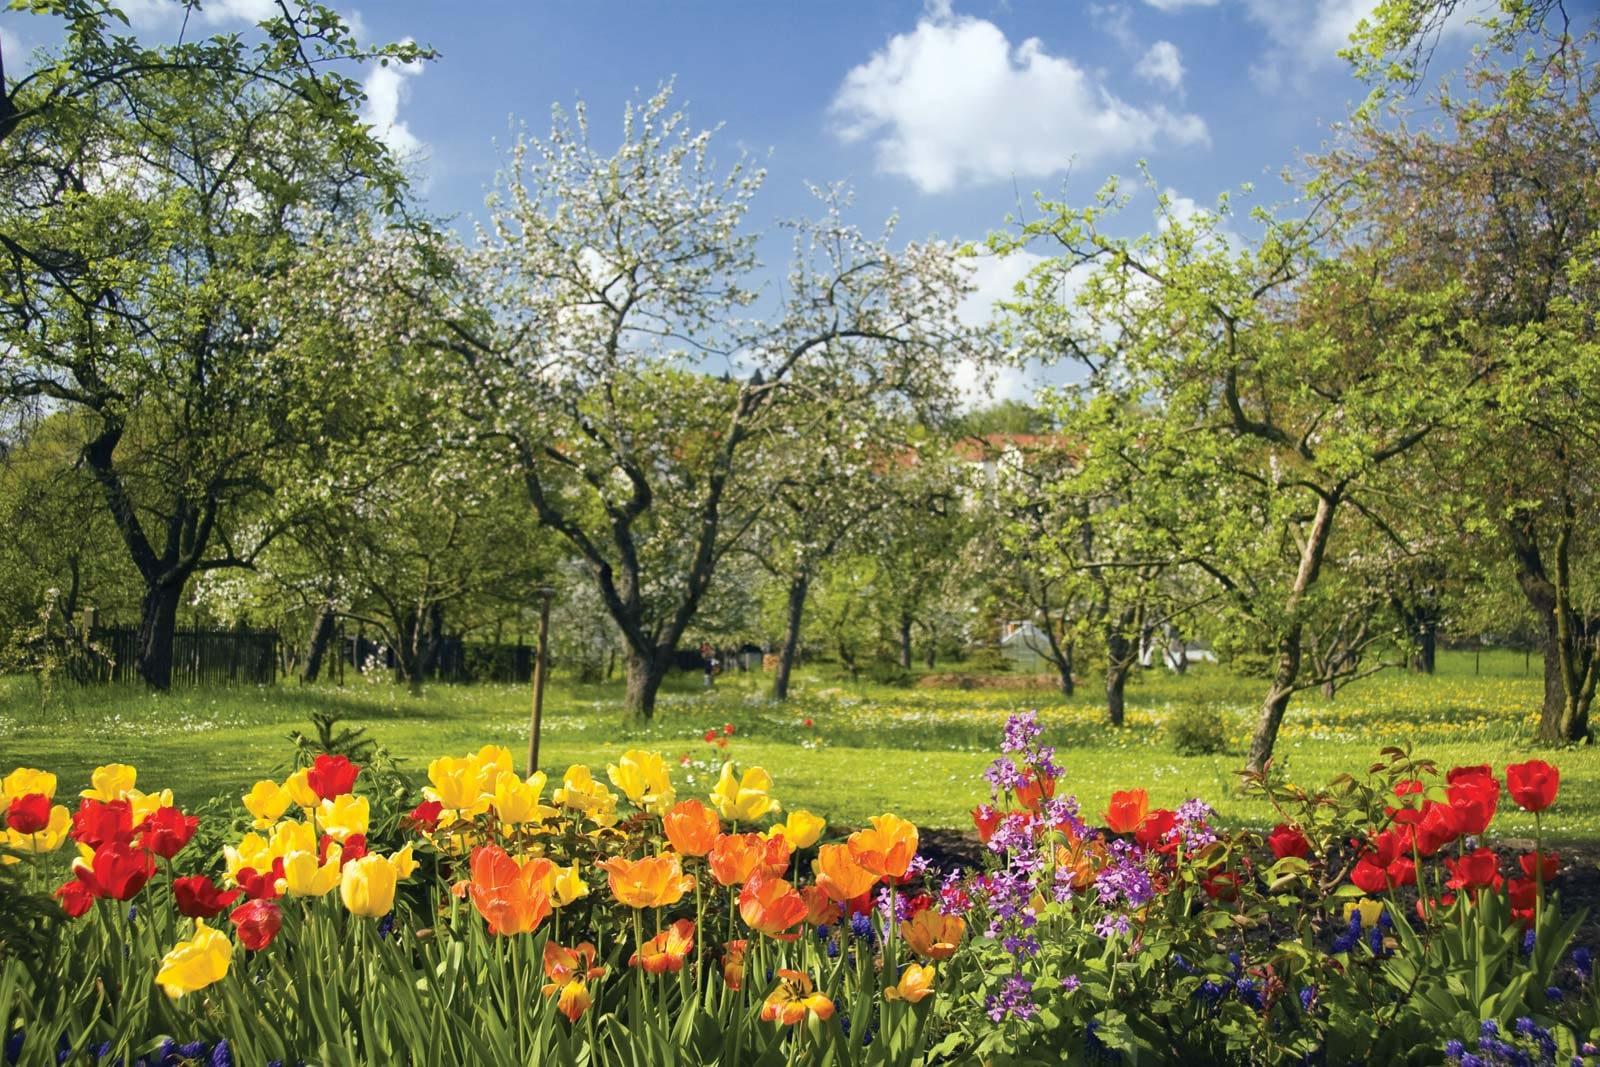 Spring-flowers-fruit-trees-bloom